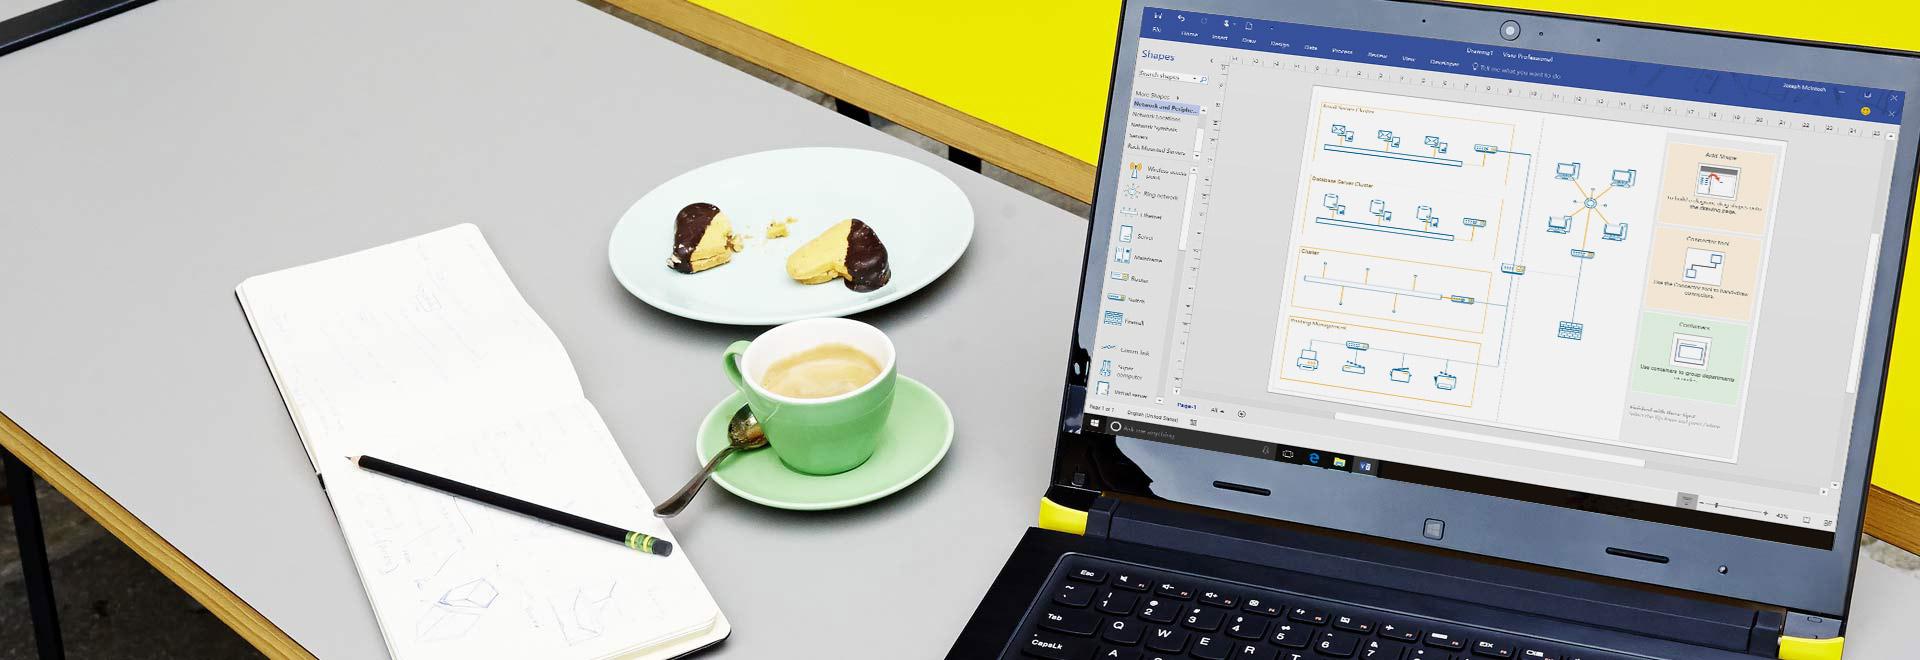 Tampilan jelas laptop di meja, memperlihatkan diagram Visio dengan panel dan pita pengeditan